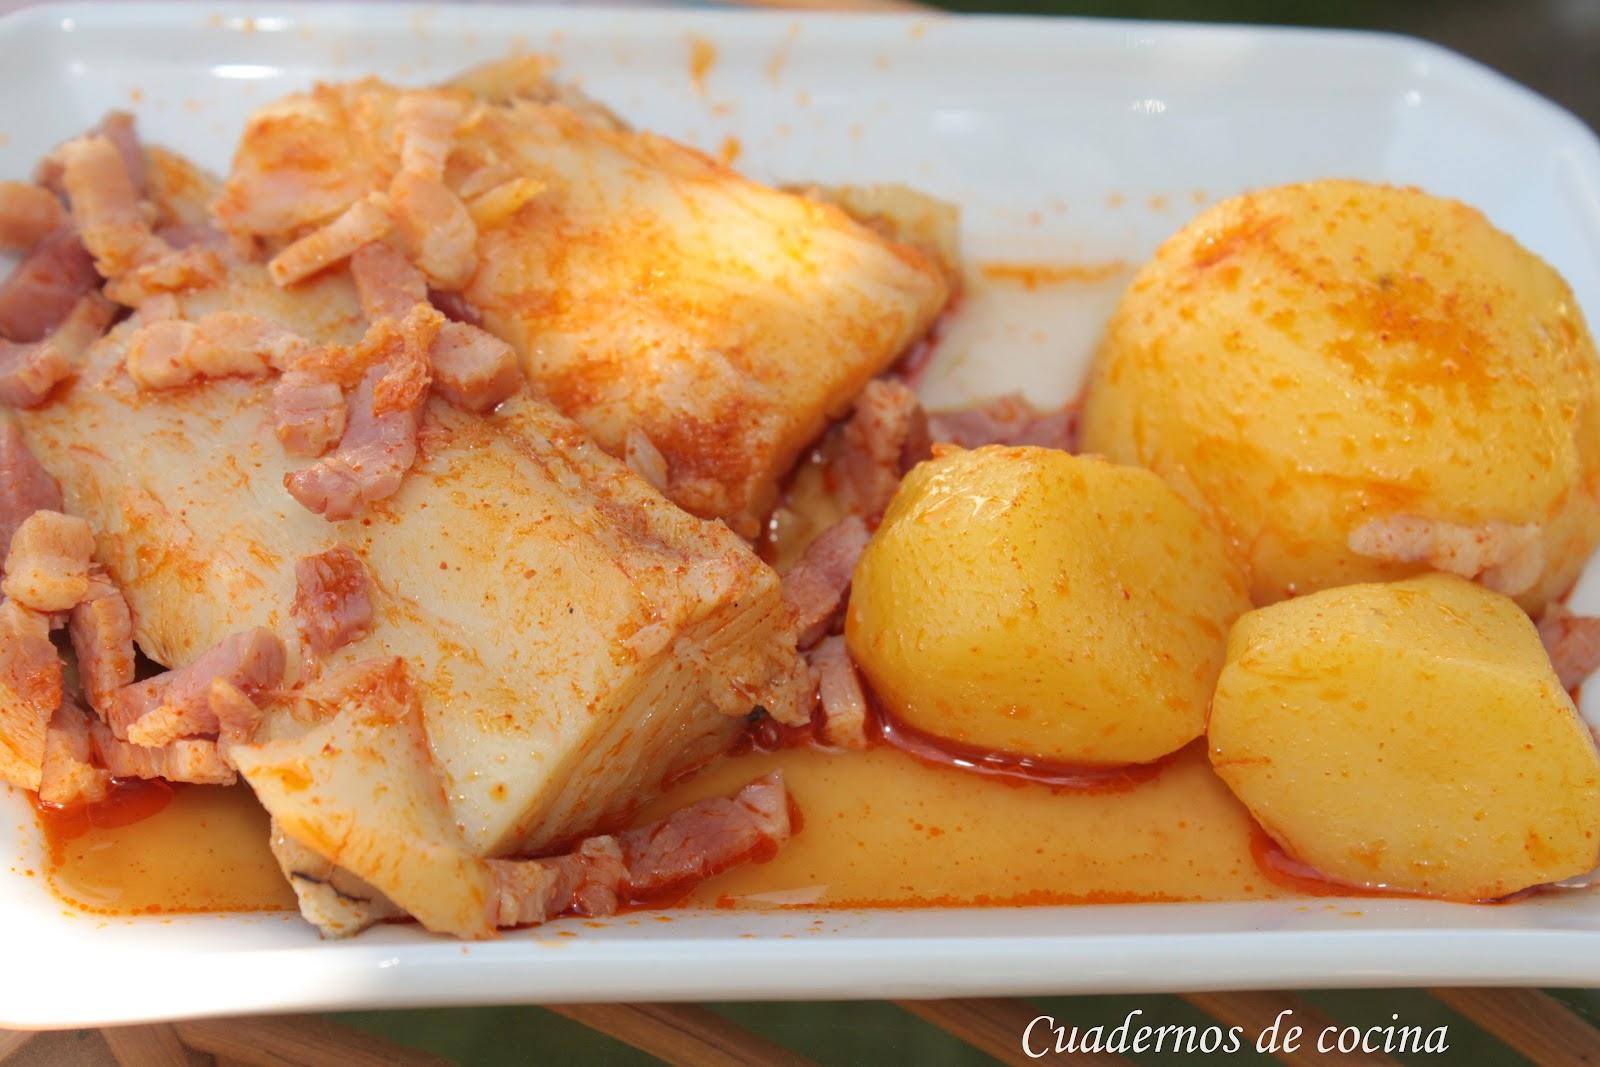 Cuadernos de cocina bacalao a la gallega - Cocinar bacalao desalado ...